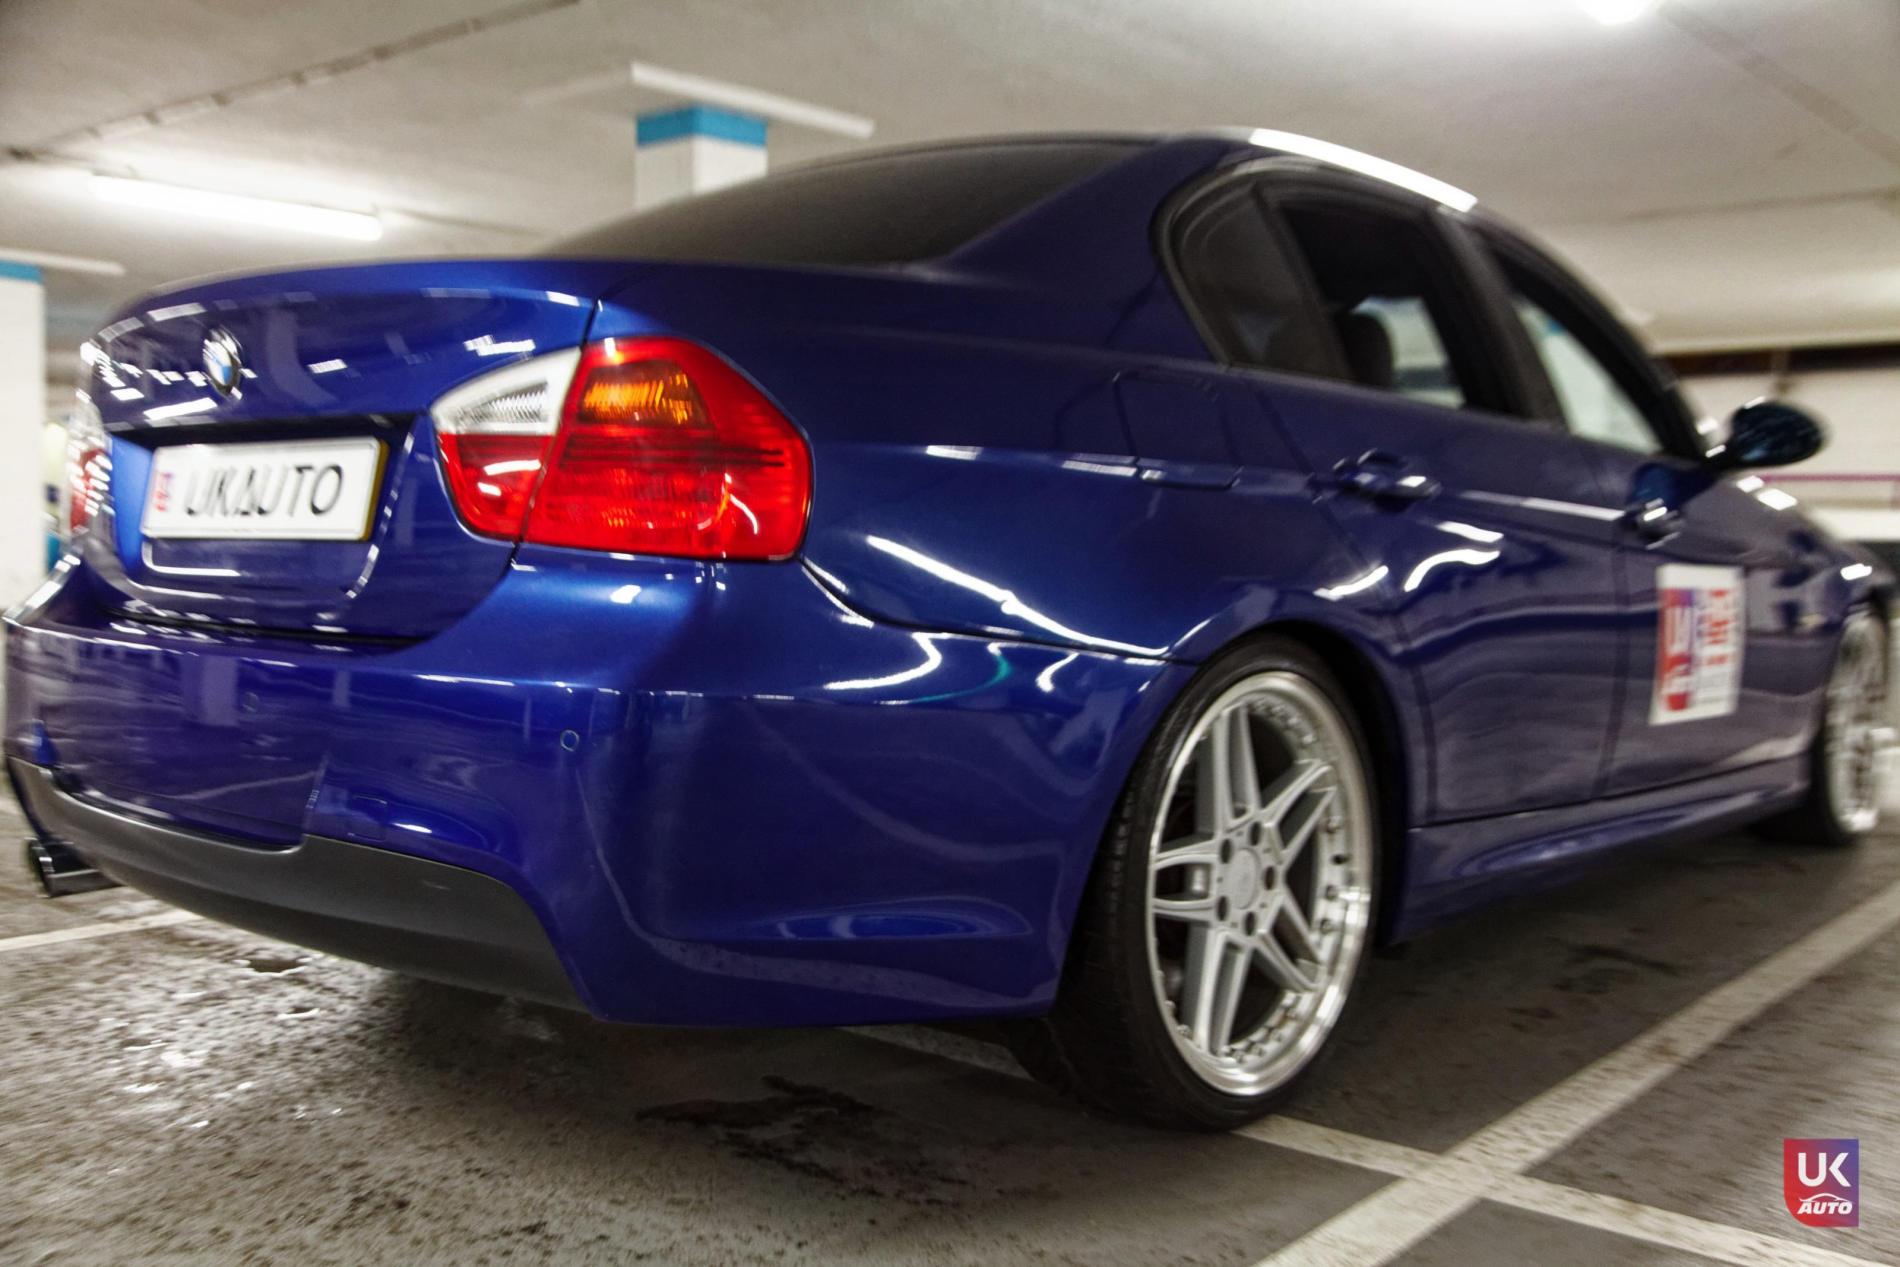 IMPORT BMW 330I LIVRAISON BMW EN FRANCE RHD PAR UKAUTO MANDATAIRE BMW AUTO PAS CHER PAR UKAUTO6 - IMPORT BMW 330I LIVRAISON BMW EN FRANCE RHD PAR UKAUTO MANDATAIRE BMW AUTO PAS CHER PAR UKAUTO